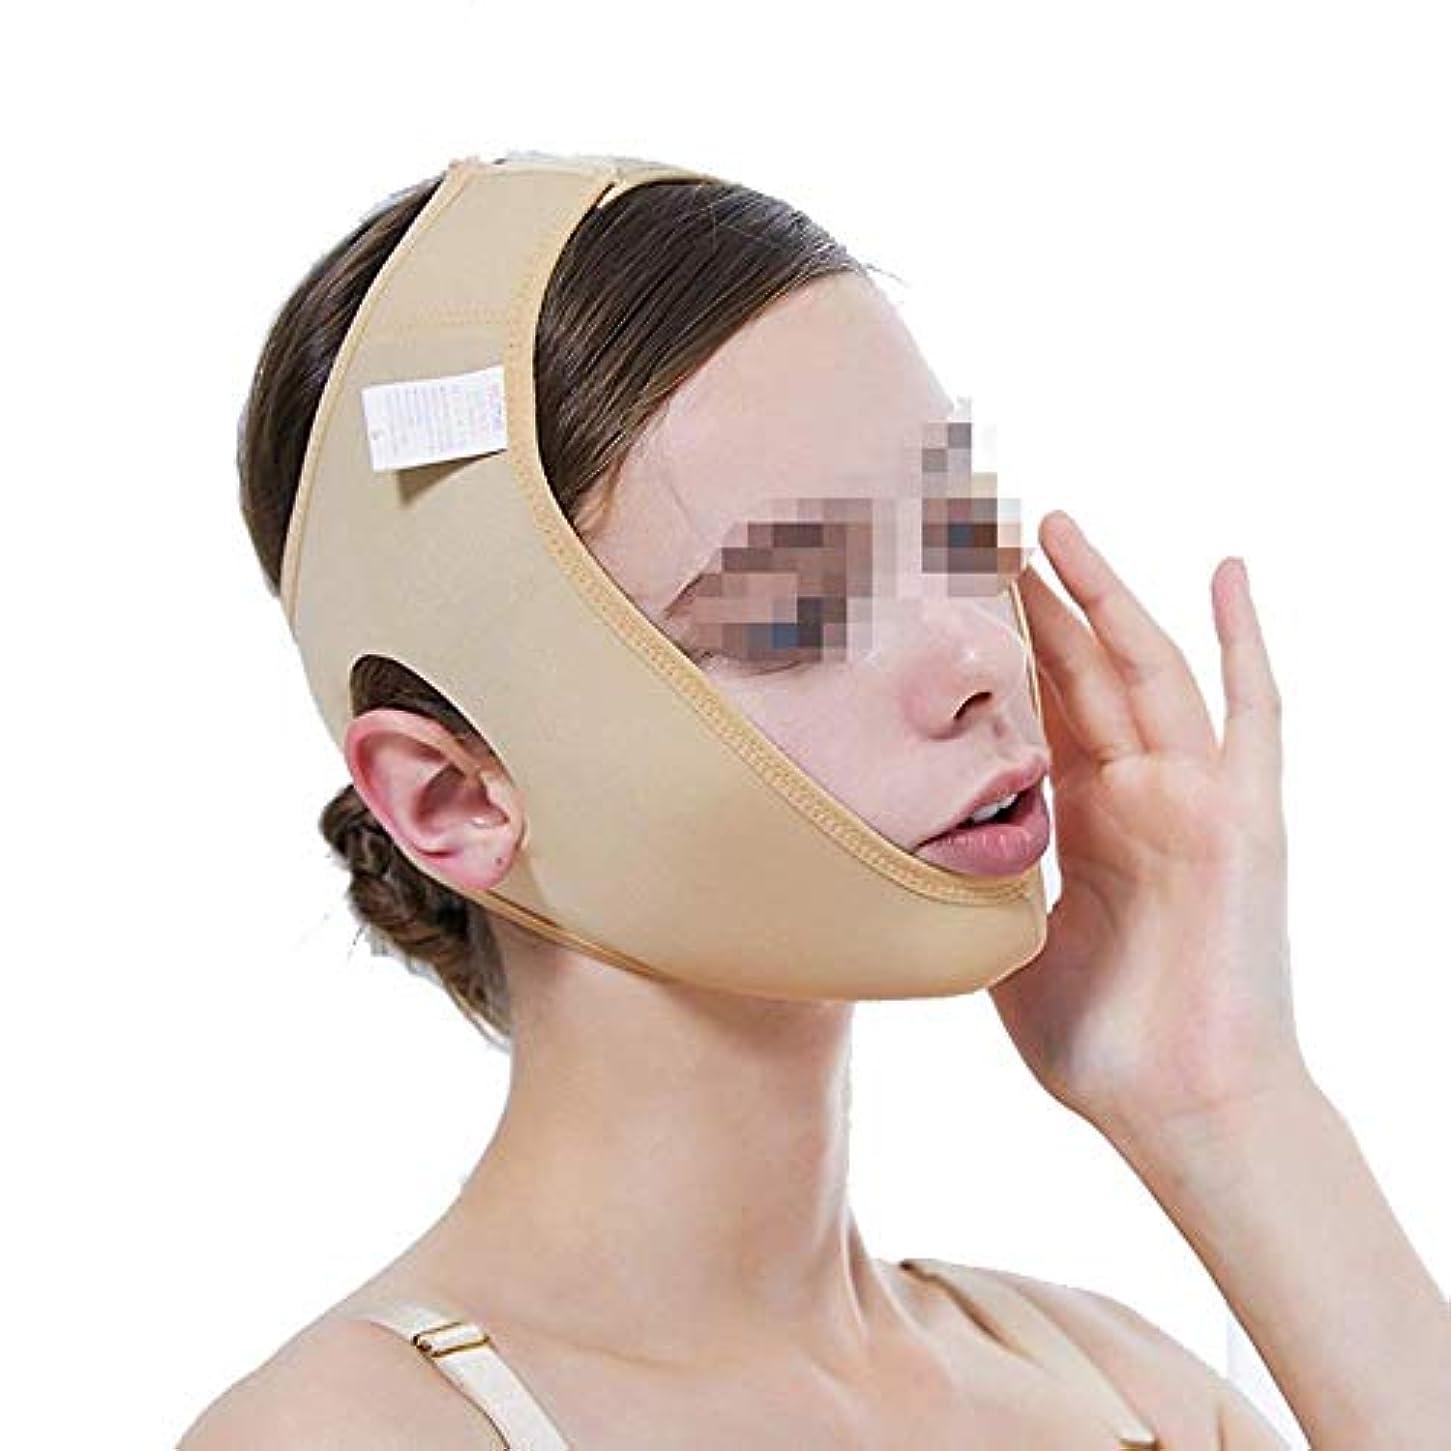 傷つける罹患率試してみる術後ヘッドギア、薄型ダブルあごVフェイスビームフェイスジョーセットフェイスマスクマルチサイズオプション(サイズ:XS),S